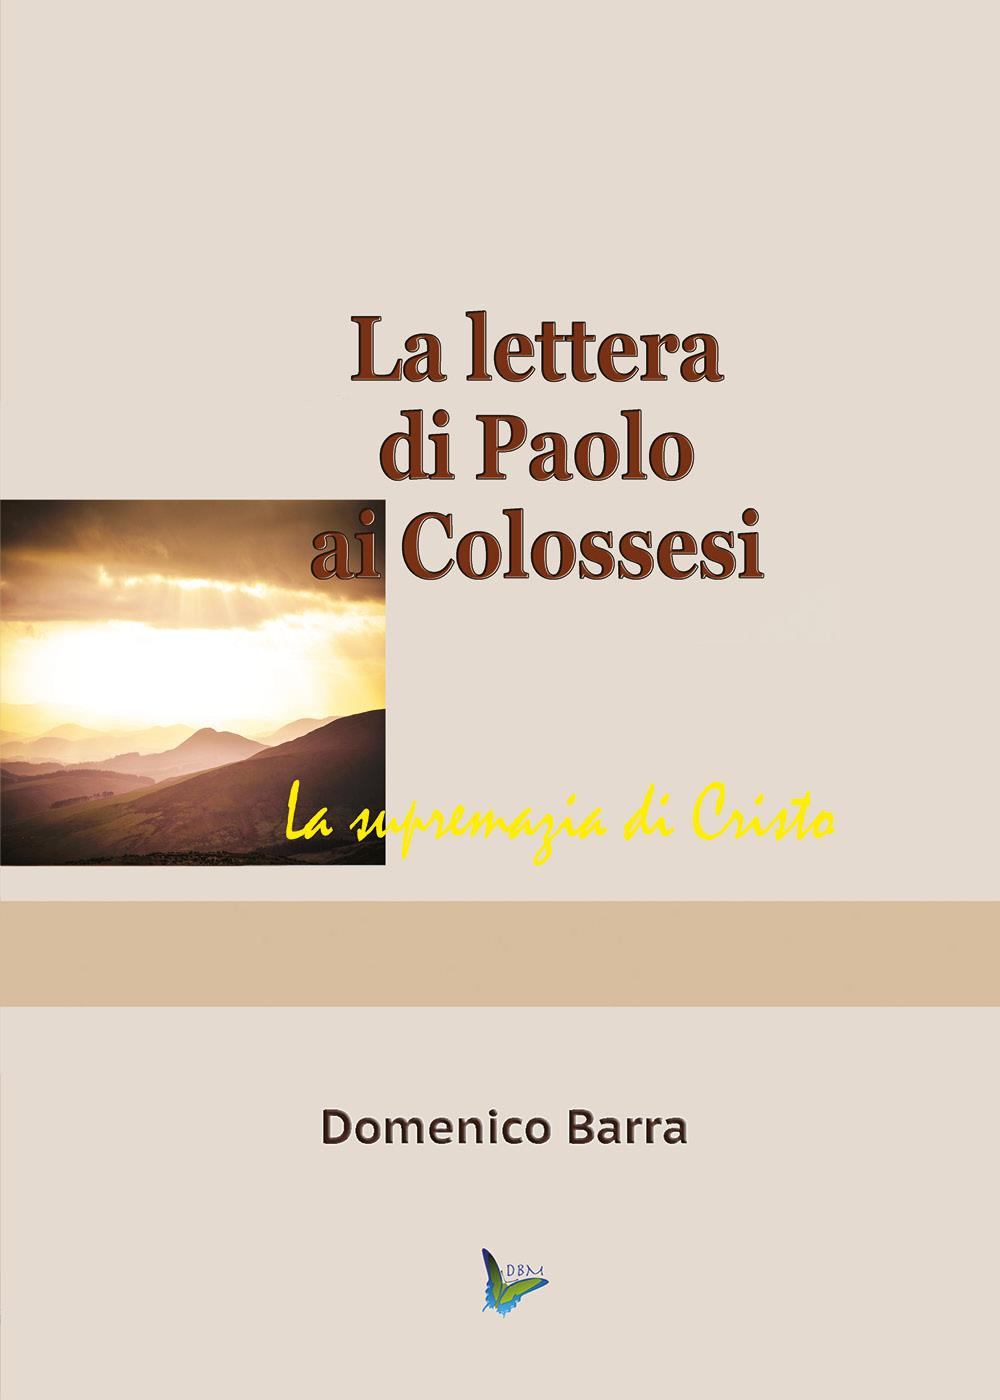 La lettera di Paolo ai Colossesi